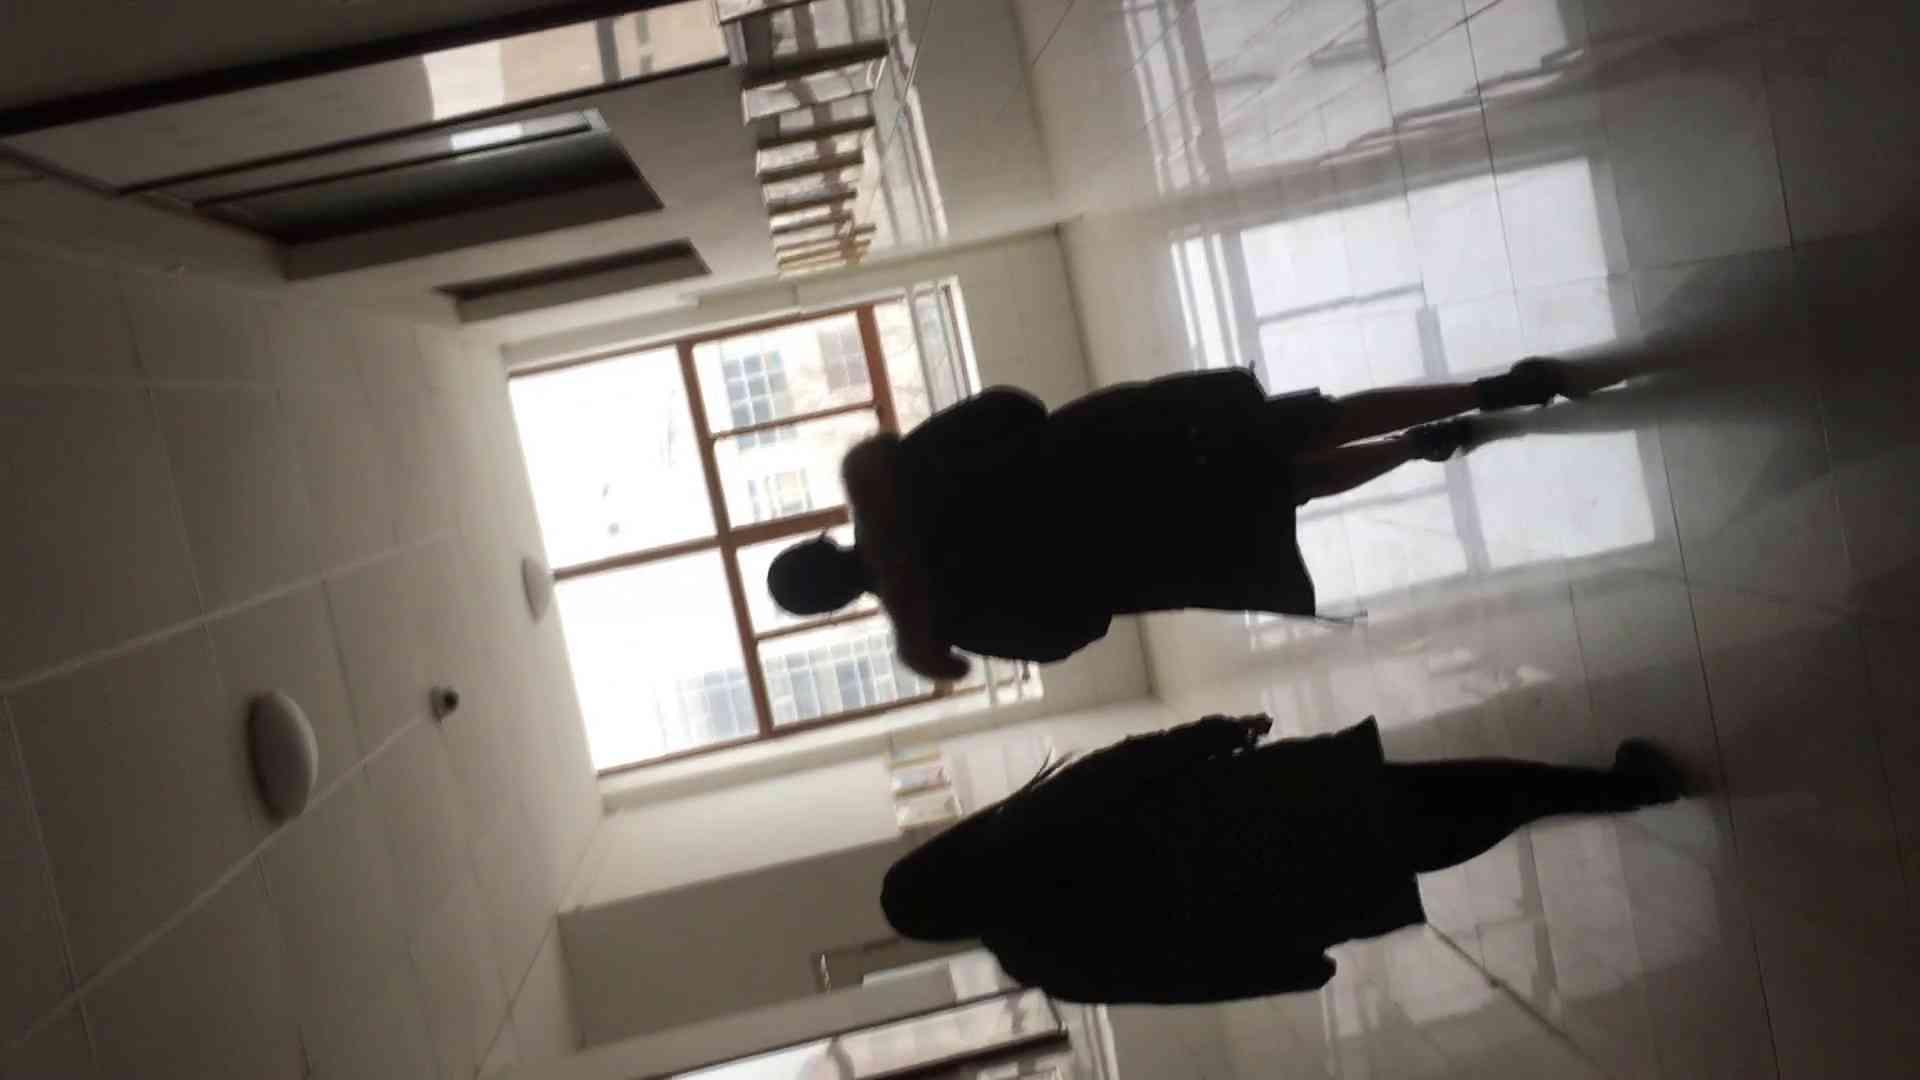 芸術大学ガチ潜入盗撮 JD盗撮 美女の洗面所の秘密 Vol.89 高評価 AV動画キャプチャ 75枚 56